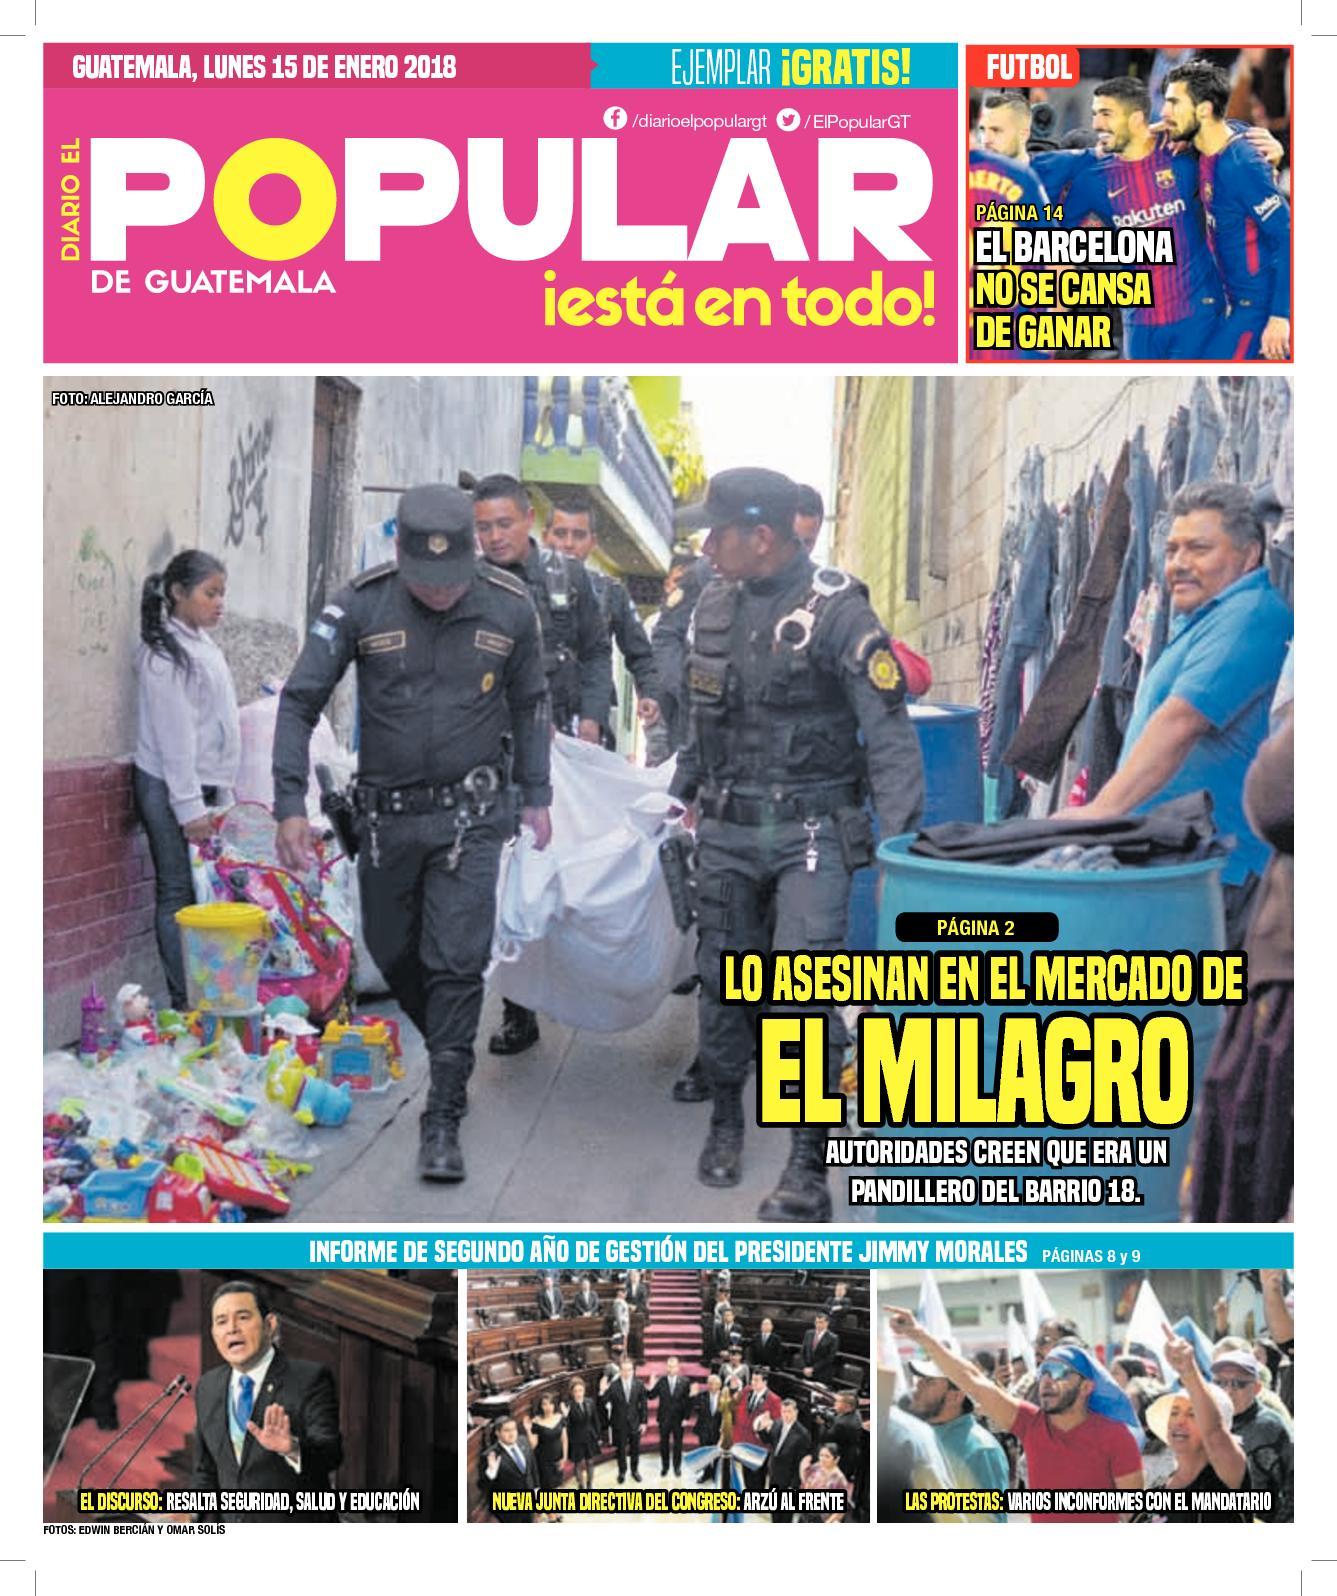 EL POPULAR GUATEMALA 15012018